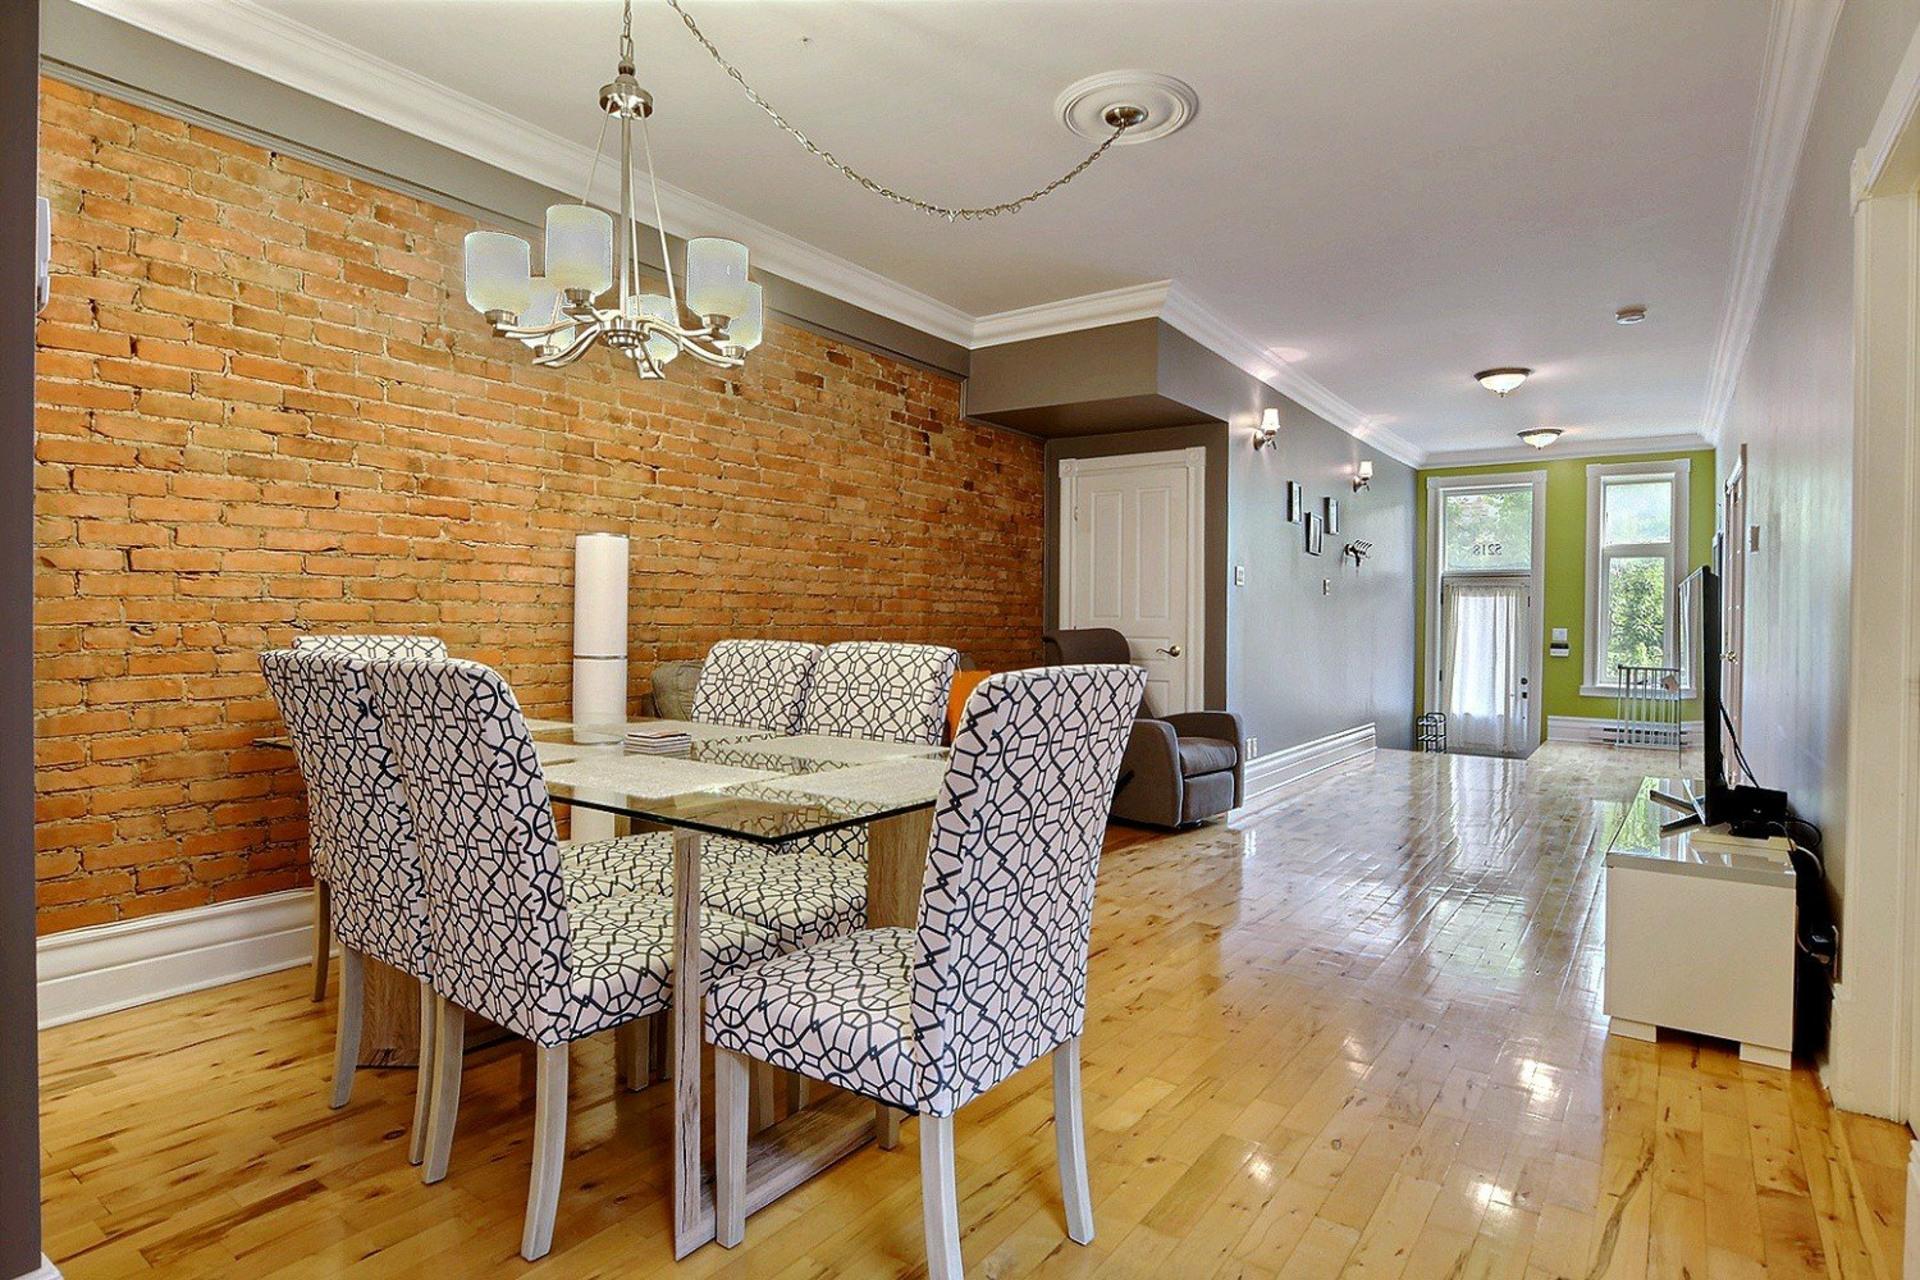 image 8 - Appartement À vendre Montréal Le Plateau-Mont-Royal  - 5 pièces